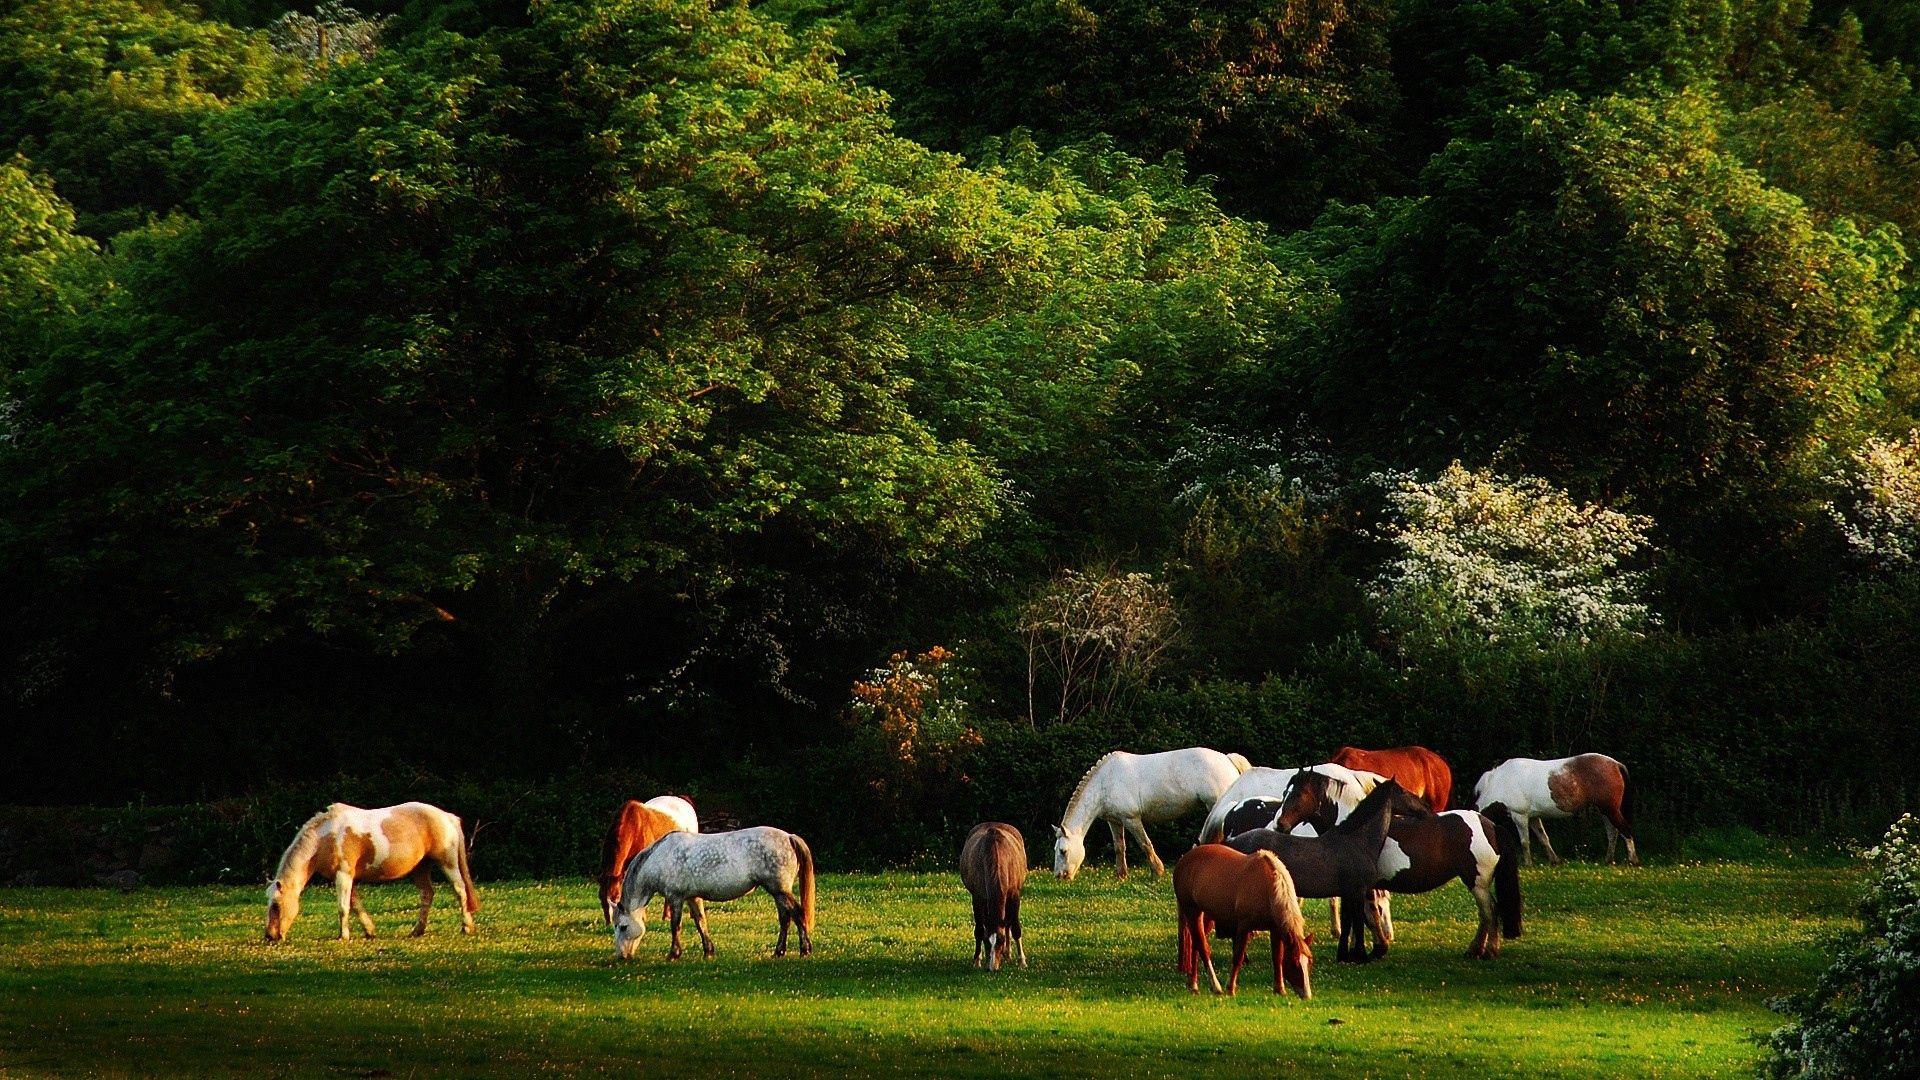 63755 скачать обои Животные, Лошади, Трава, Деревья, Прогулка, Табун - заставки и картинки бесплатно